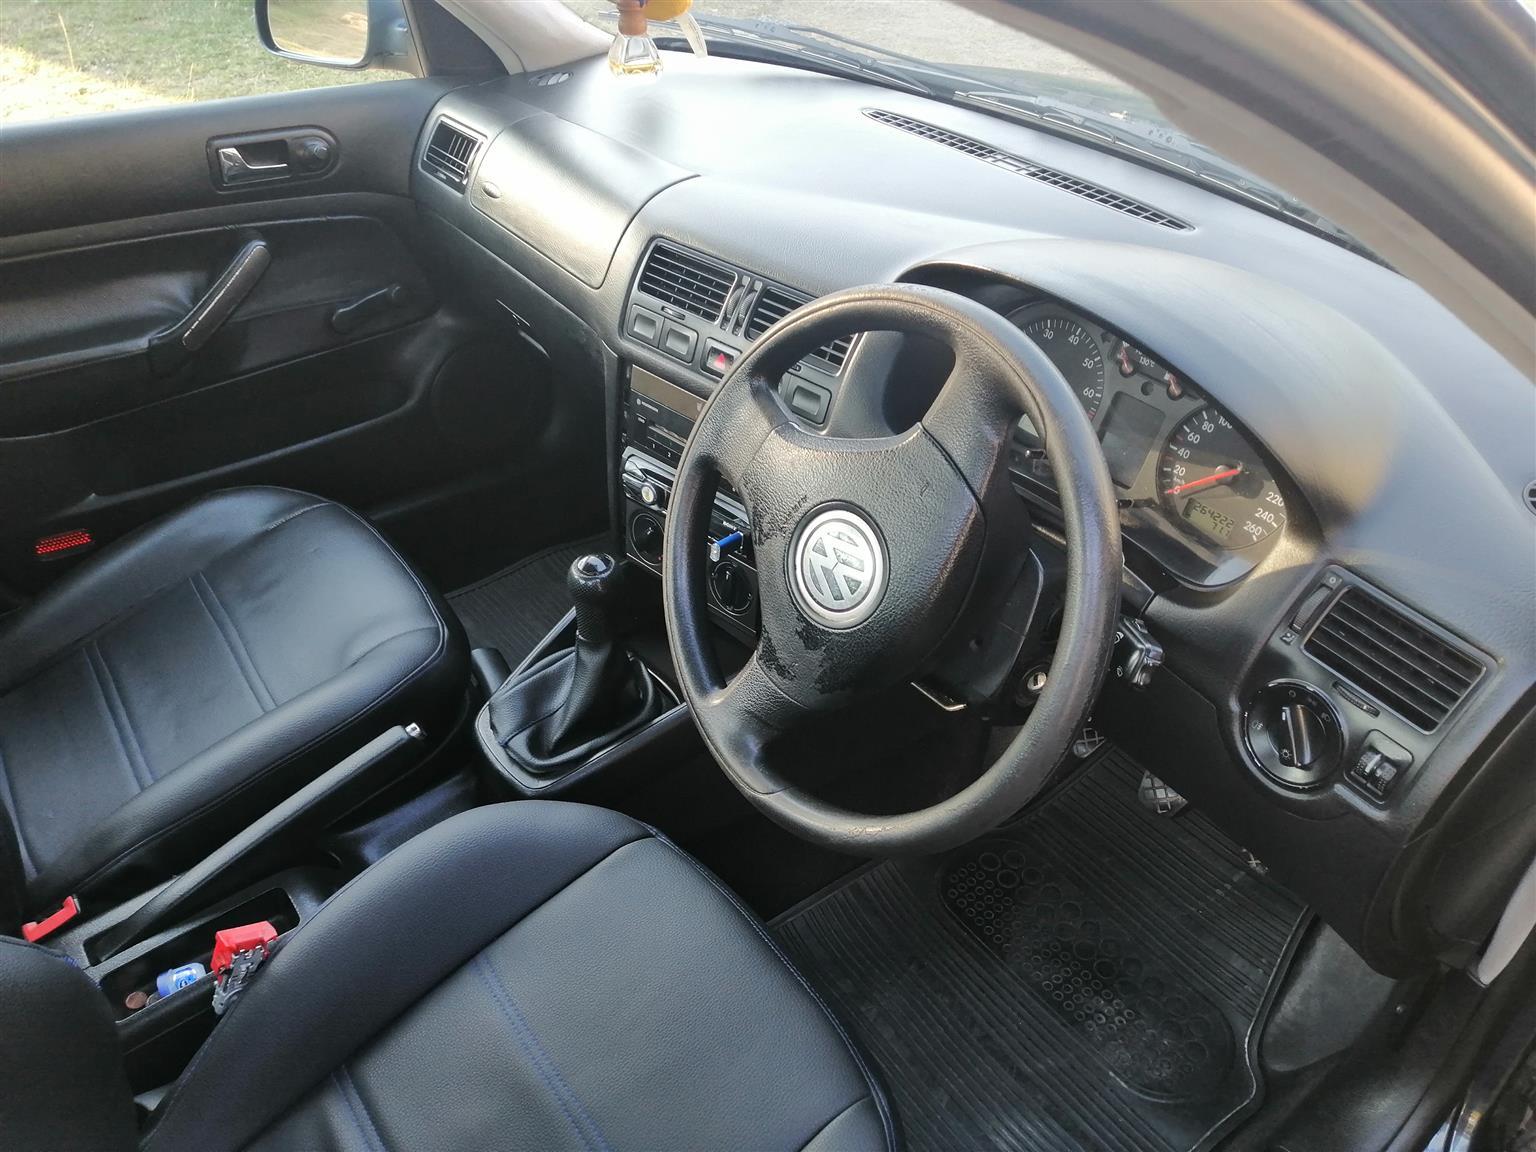 2005 Jetta 1.6 for sale